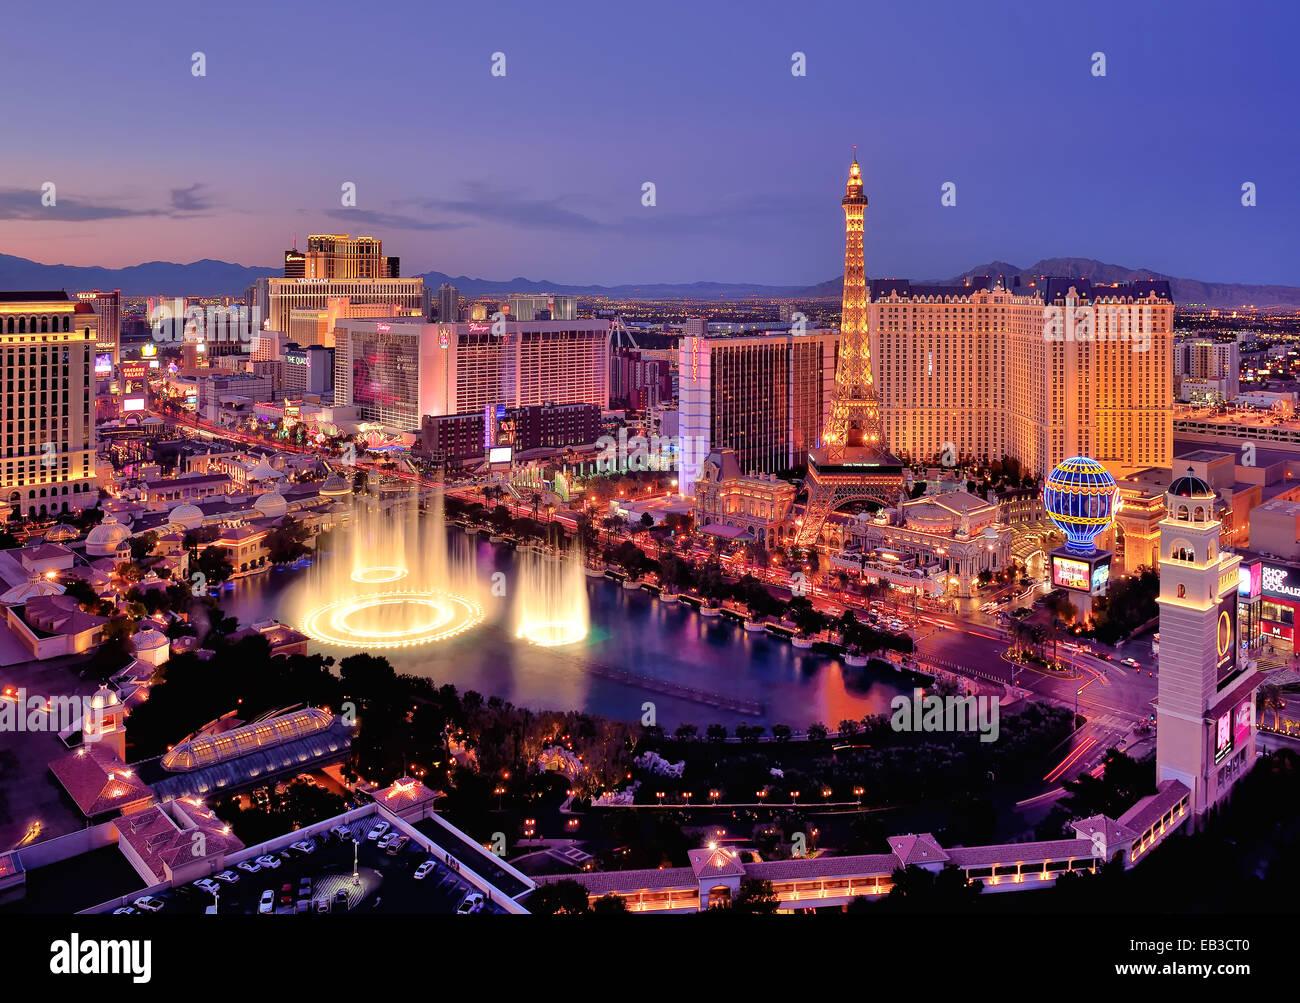 Sur les toits de la ville dans la nuit avec de l'eau des fontaines du Bellagio Hotel, Las Vegas, Nevada, USA, Photo Stock